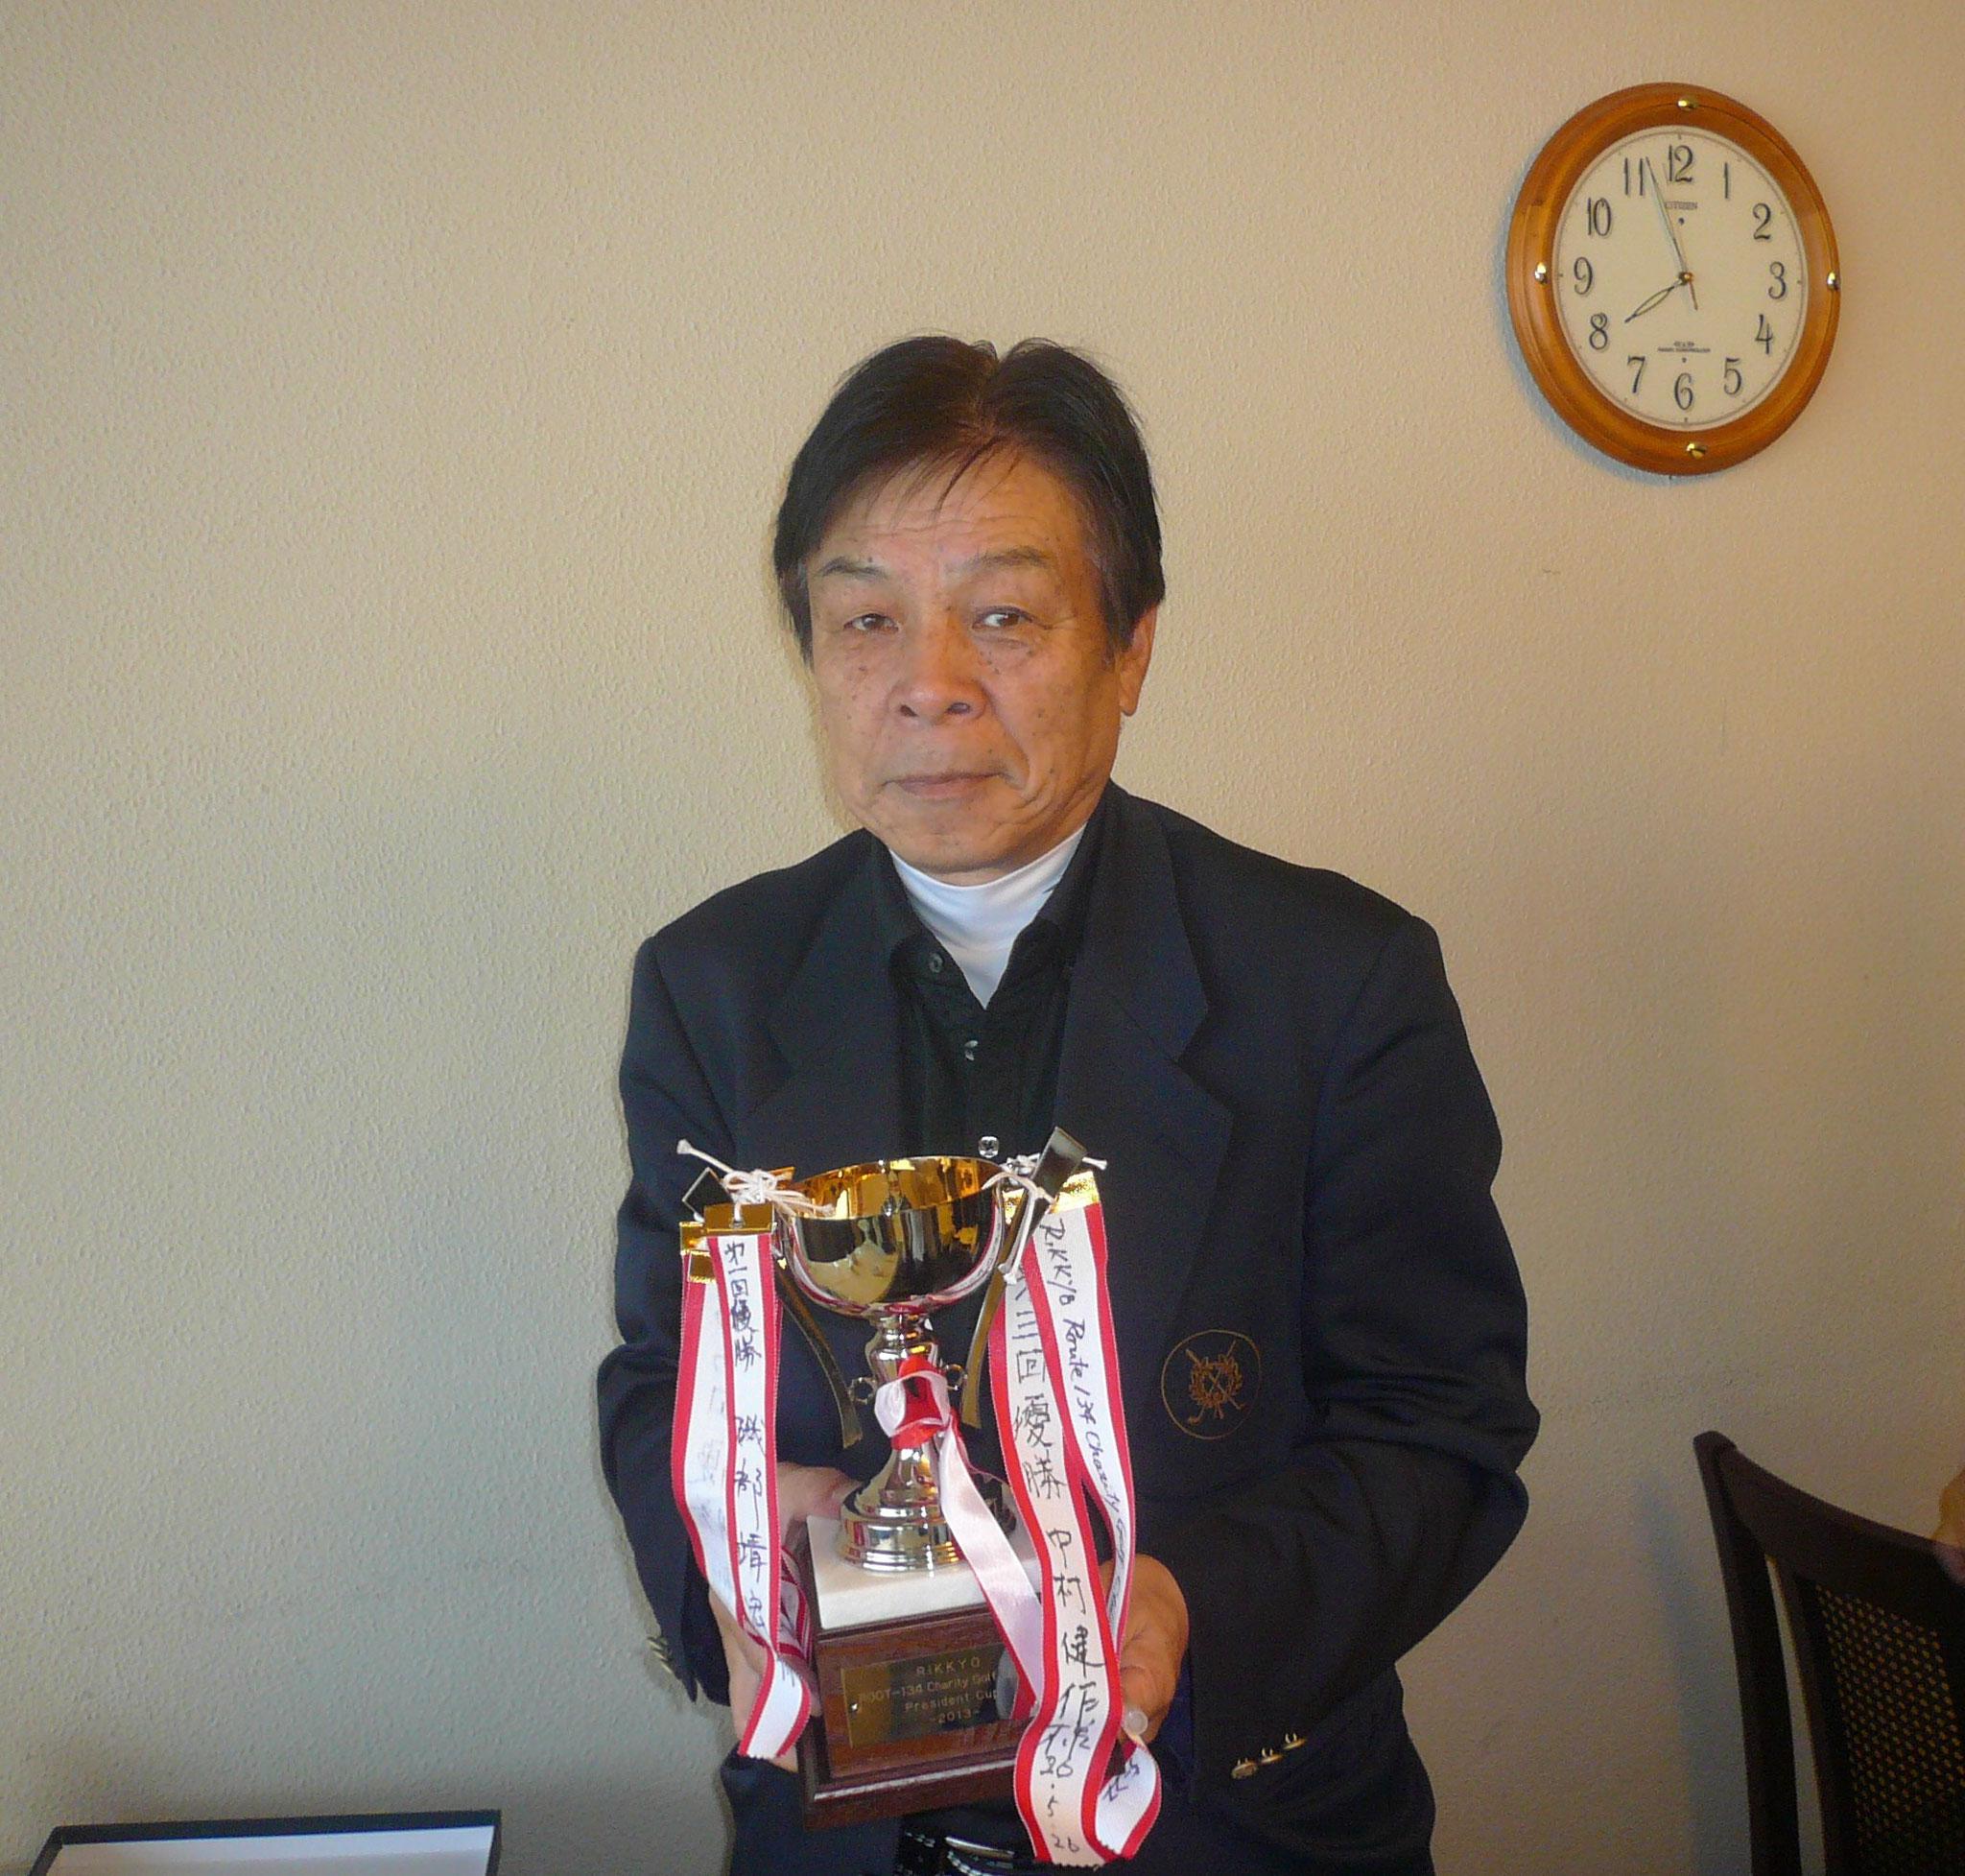 前回優勝の渡辺さんへカップ